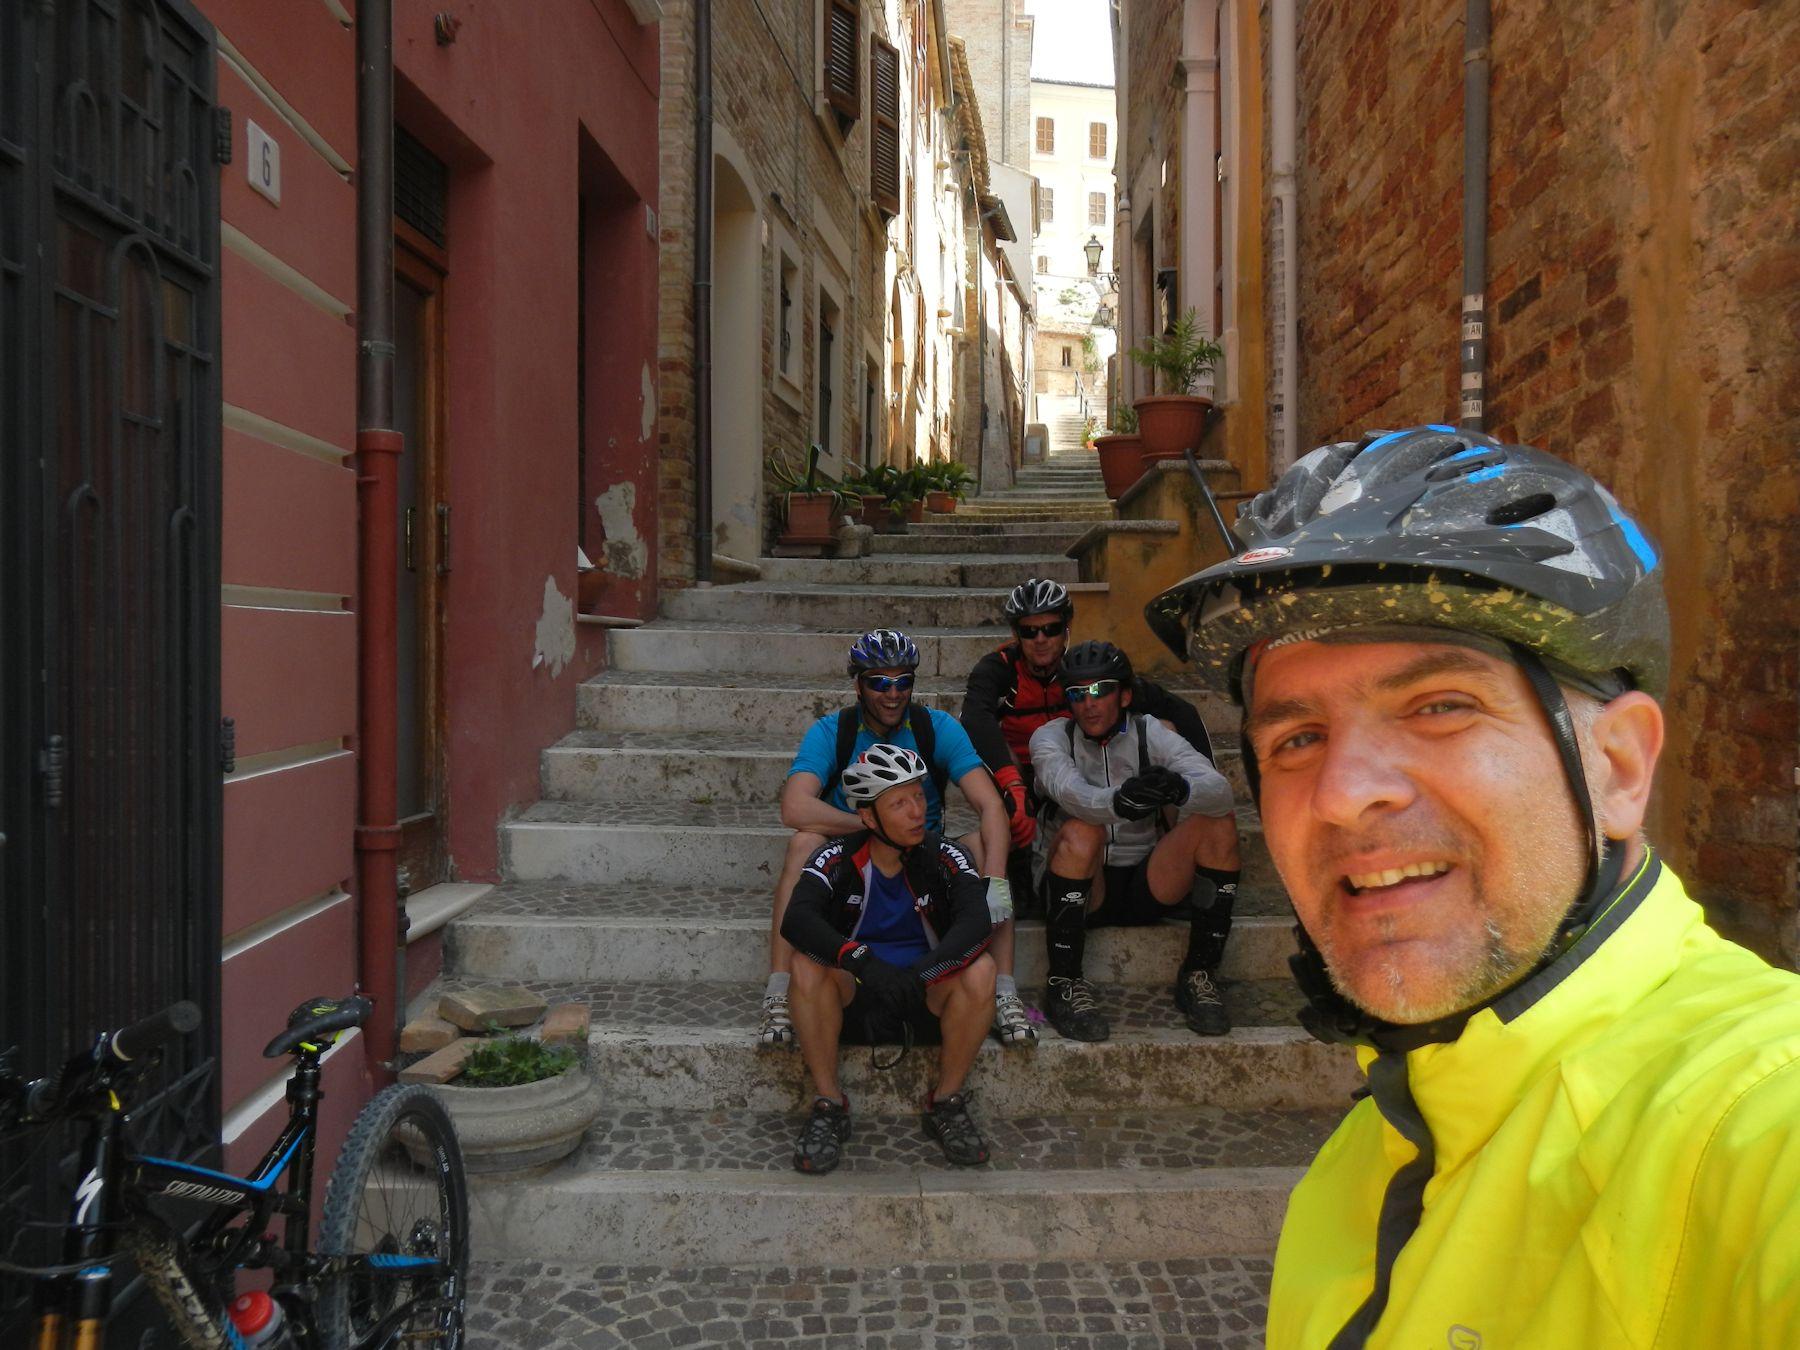 Foto di gruppo a Monsampolo. Ovviamente quelle scale le abbiamo battezzate